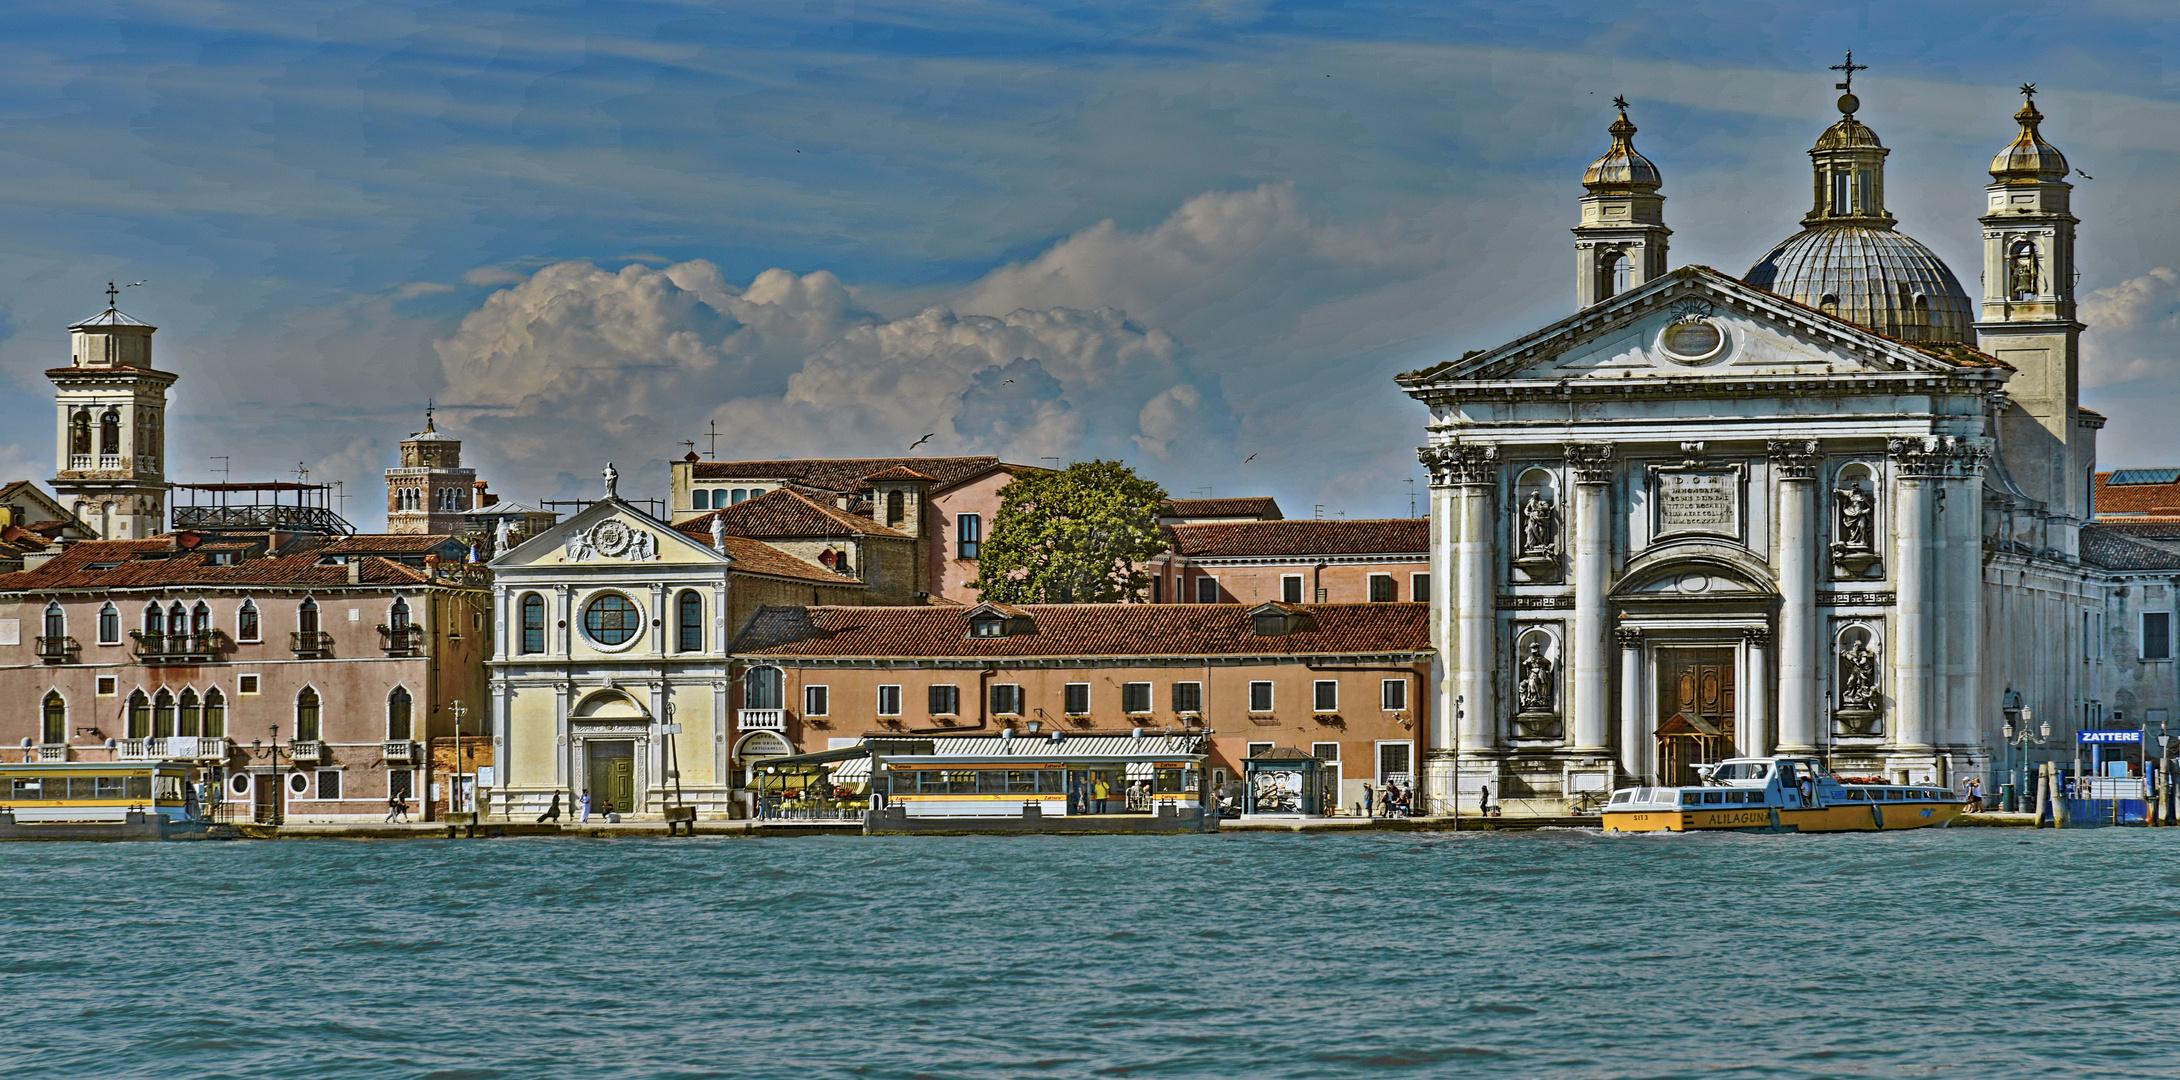 NOSTALGIE - Skyline von Venedig -